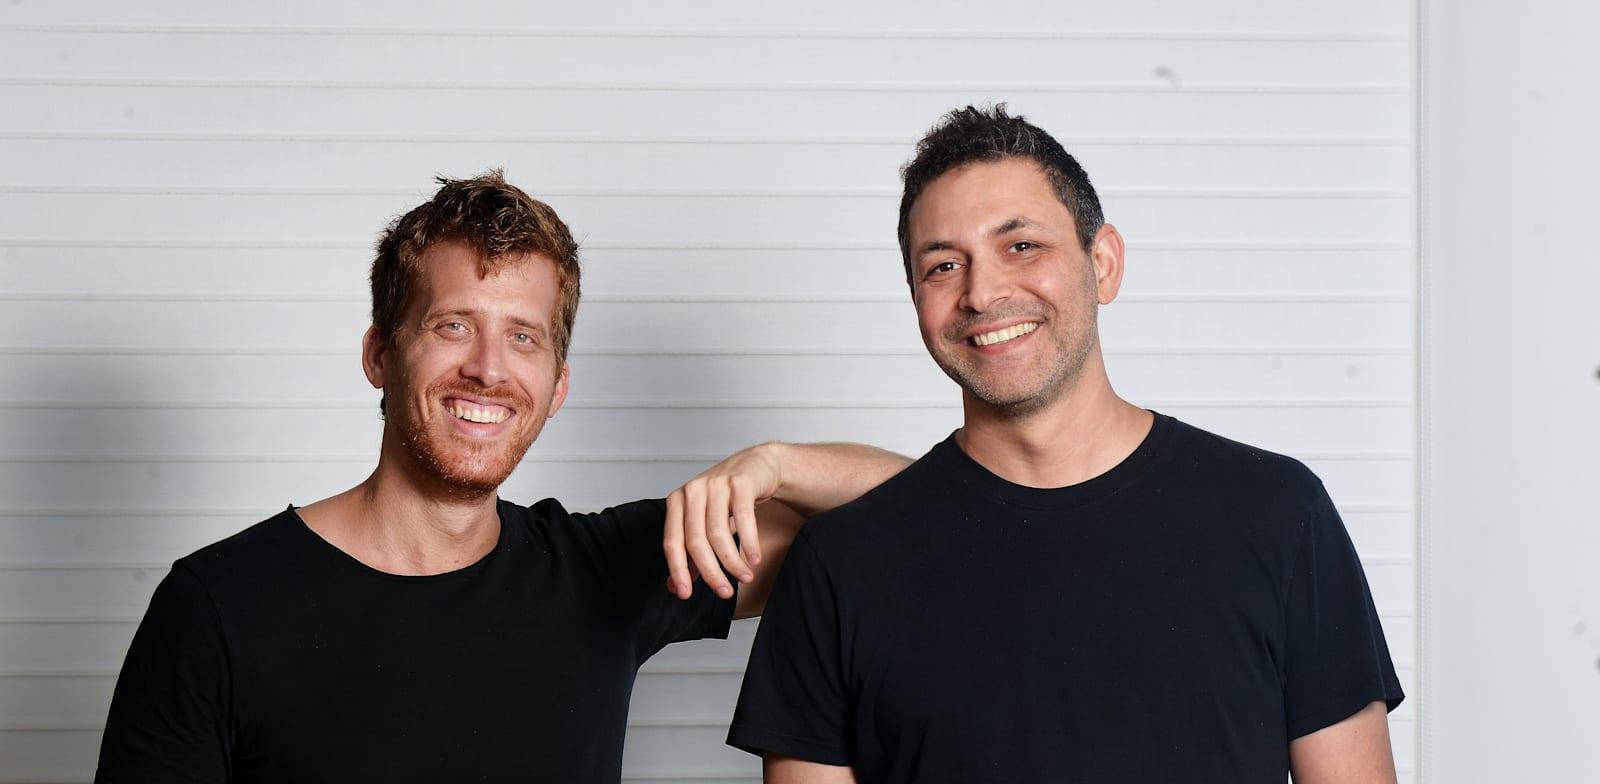 ערן זינמן ורועי מן, מייסדי חברת מאנדיי / צילום: איל יצהר